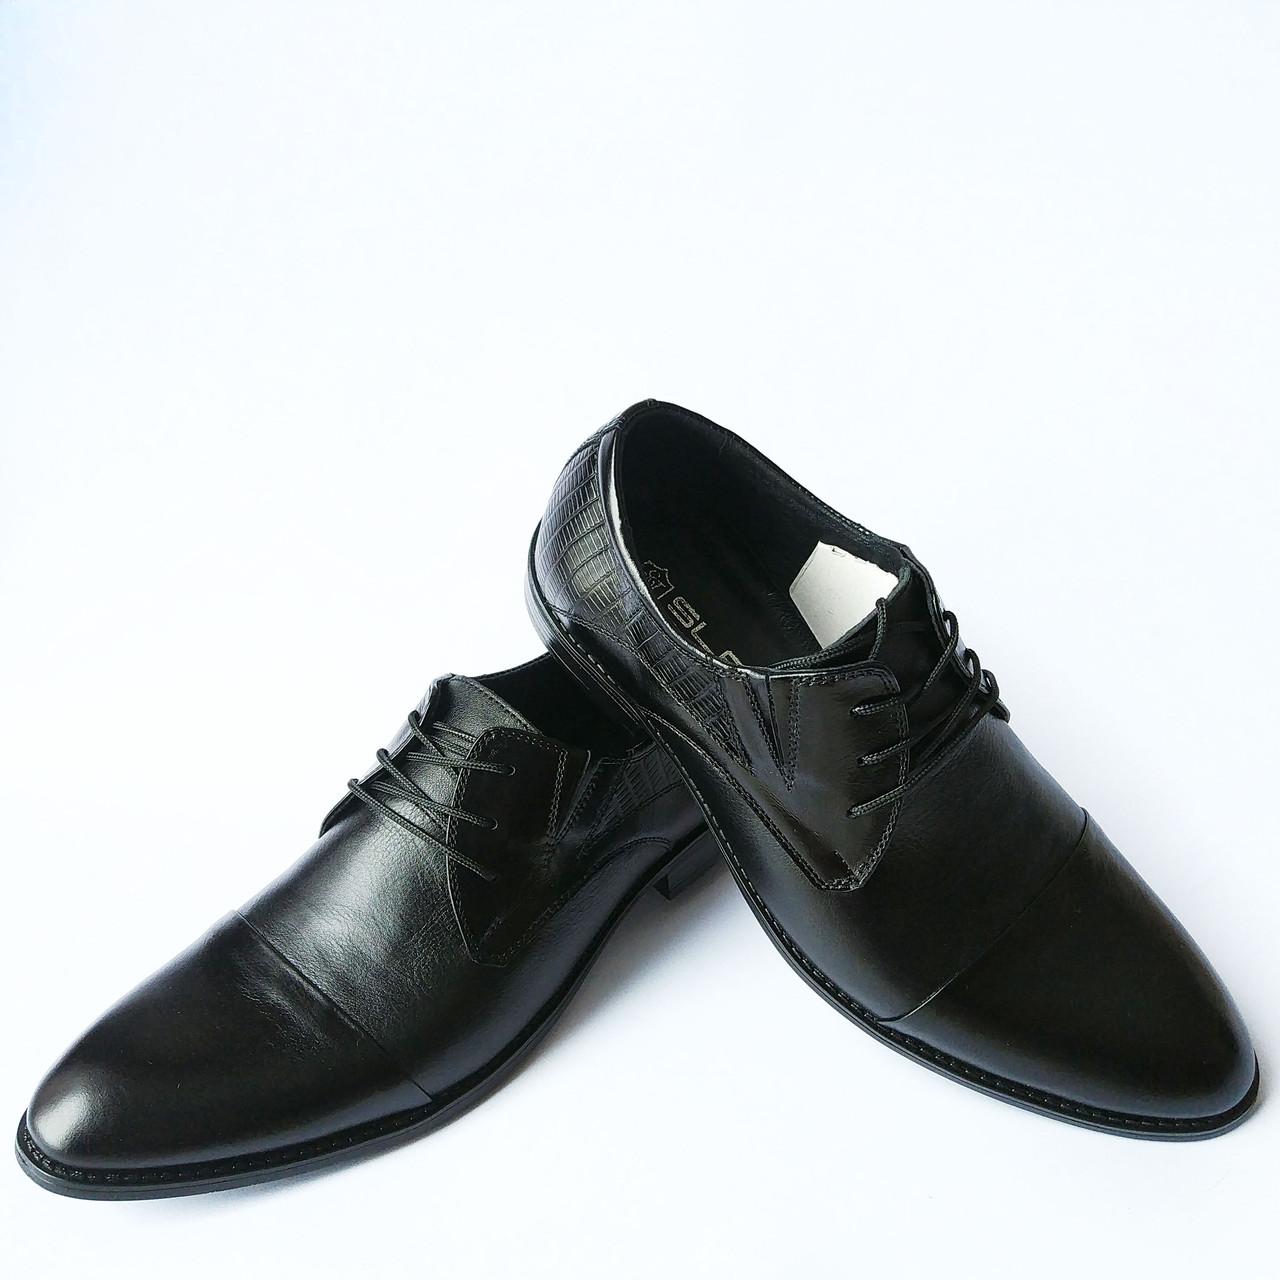 9279364d48b3 Классические мужские туфли на шнуровке